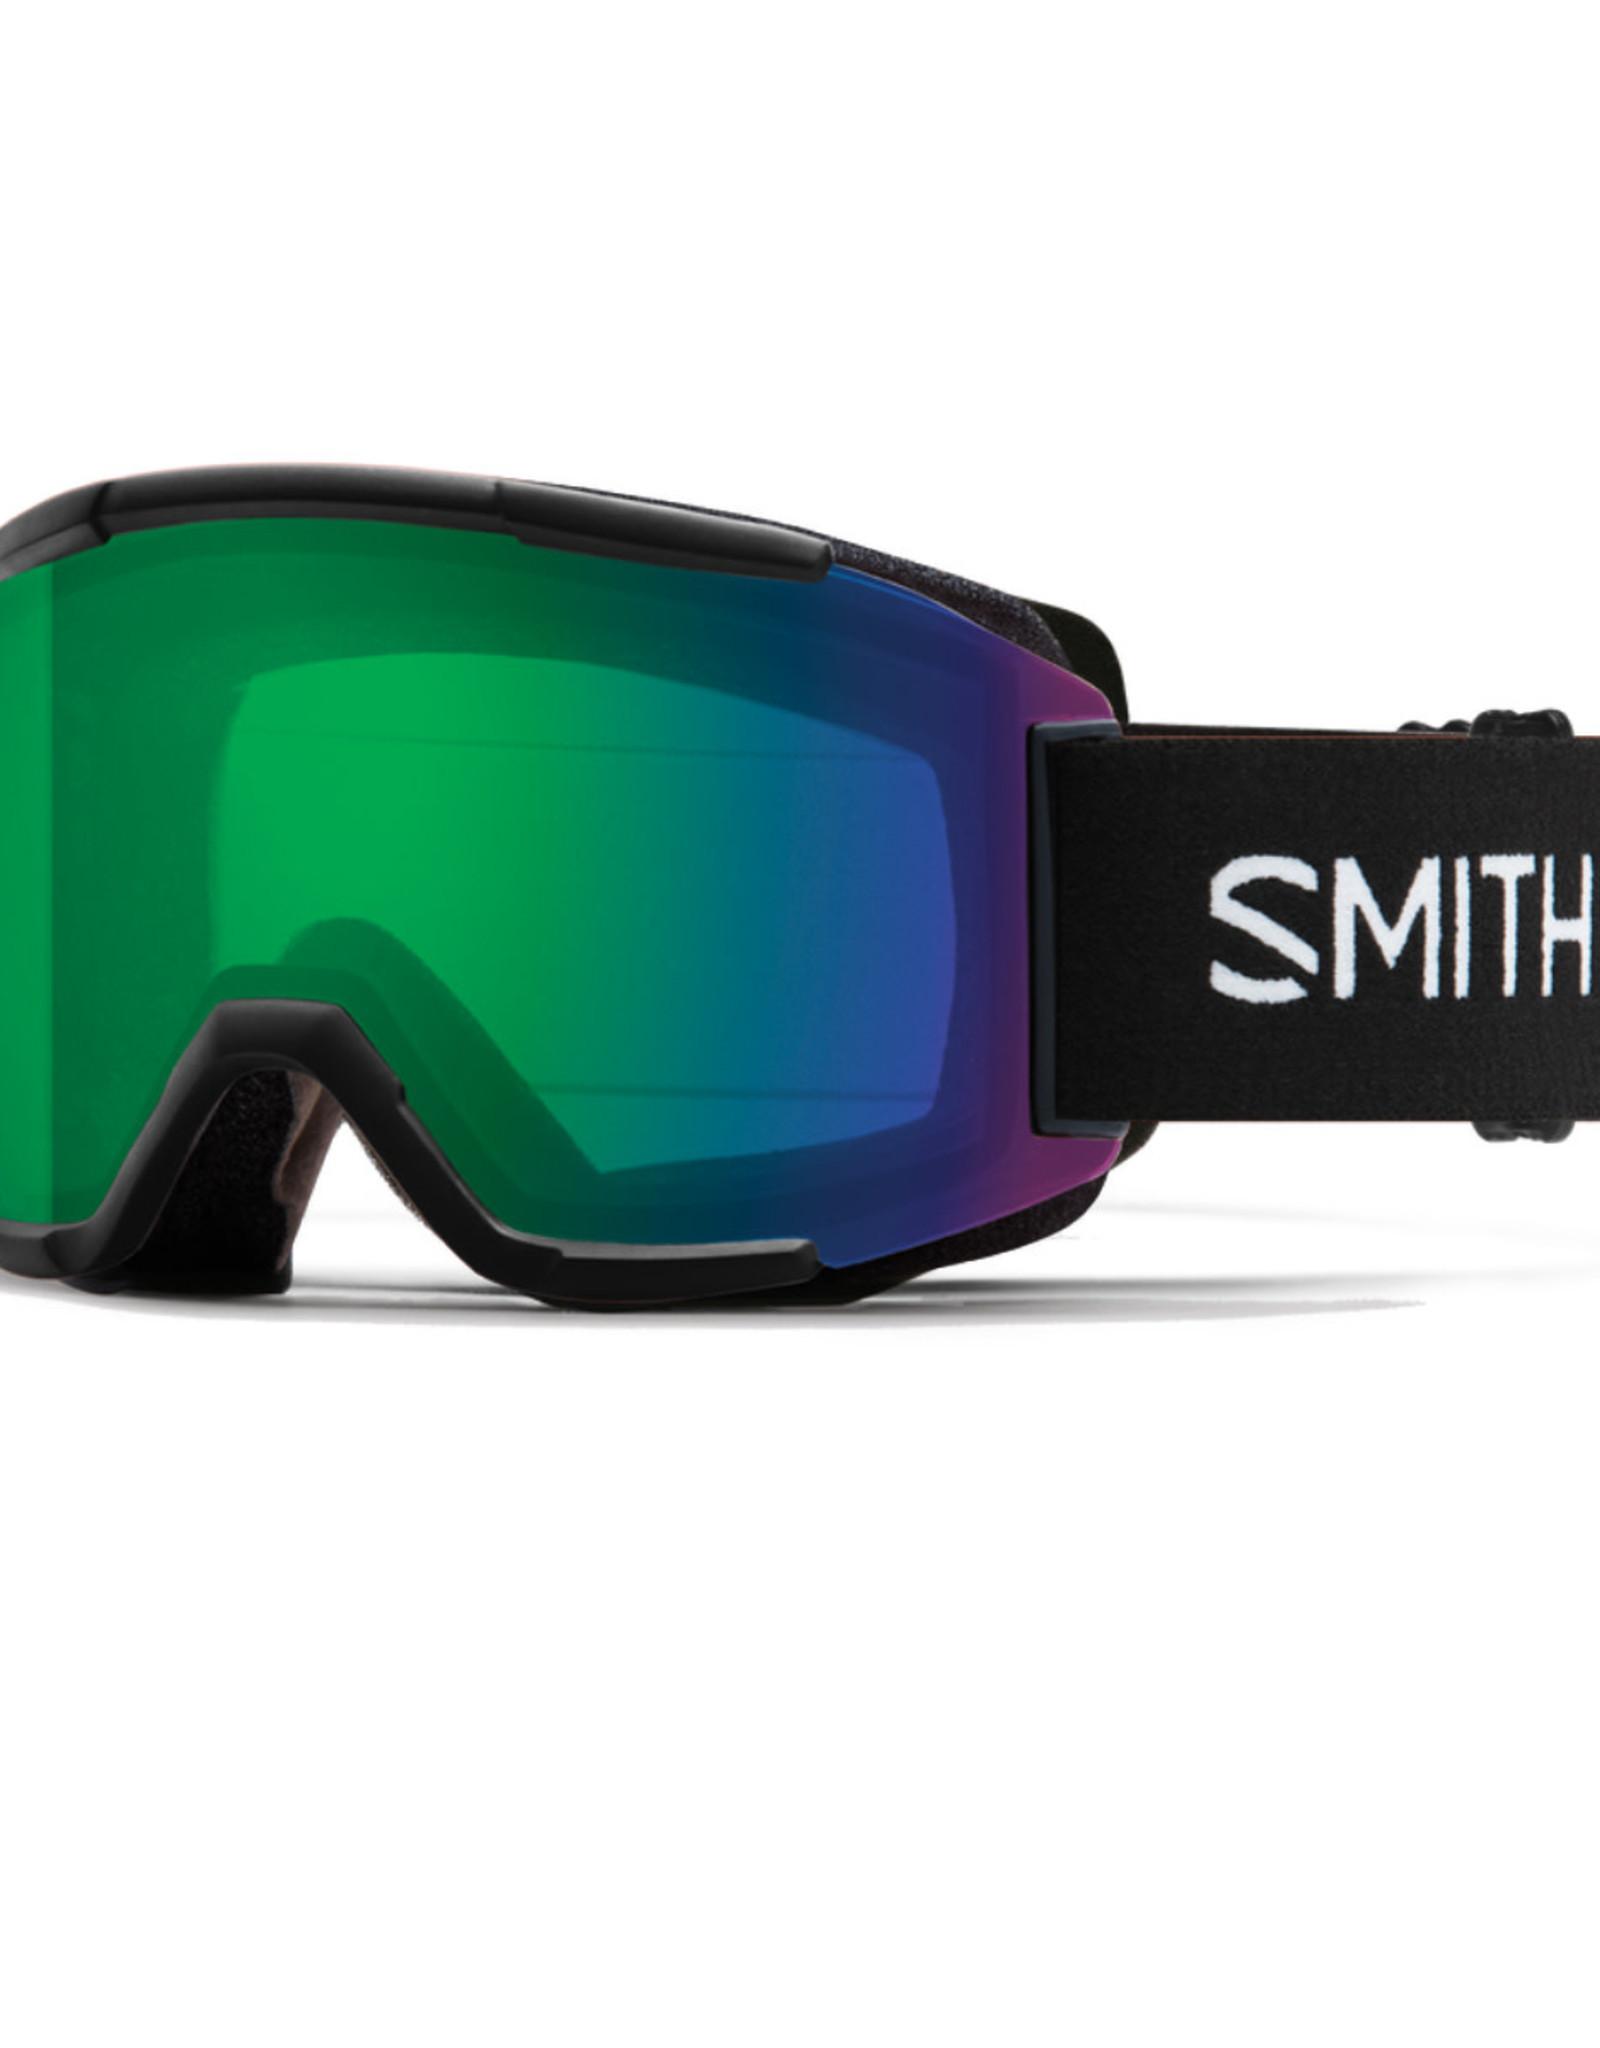 Smith Lunette De Ski Smith Squad